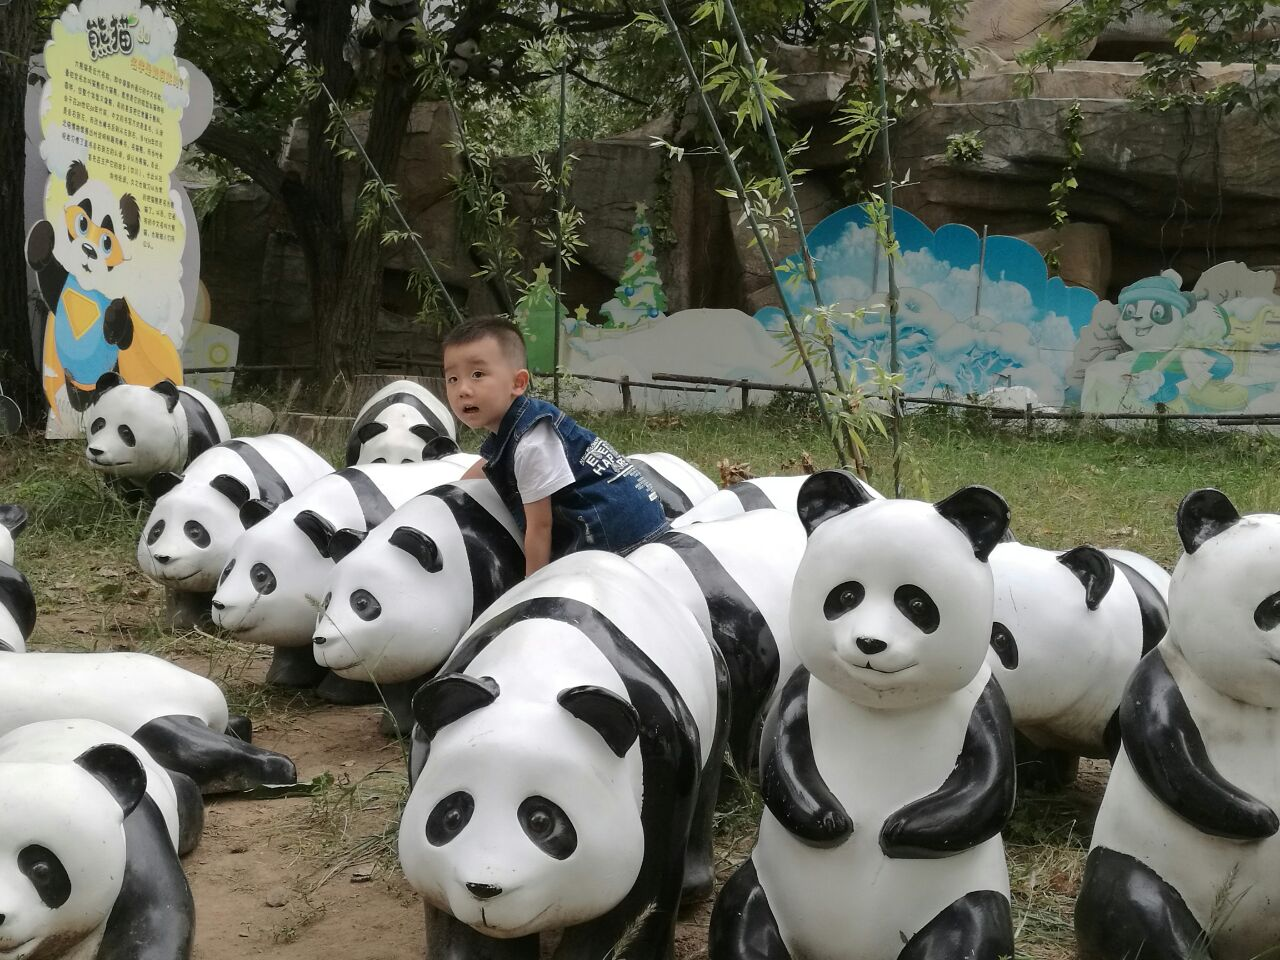 【携程攻略】西安秦岭野生动物园好玩吗,西安秦岭野生